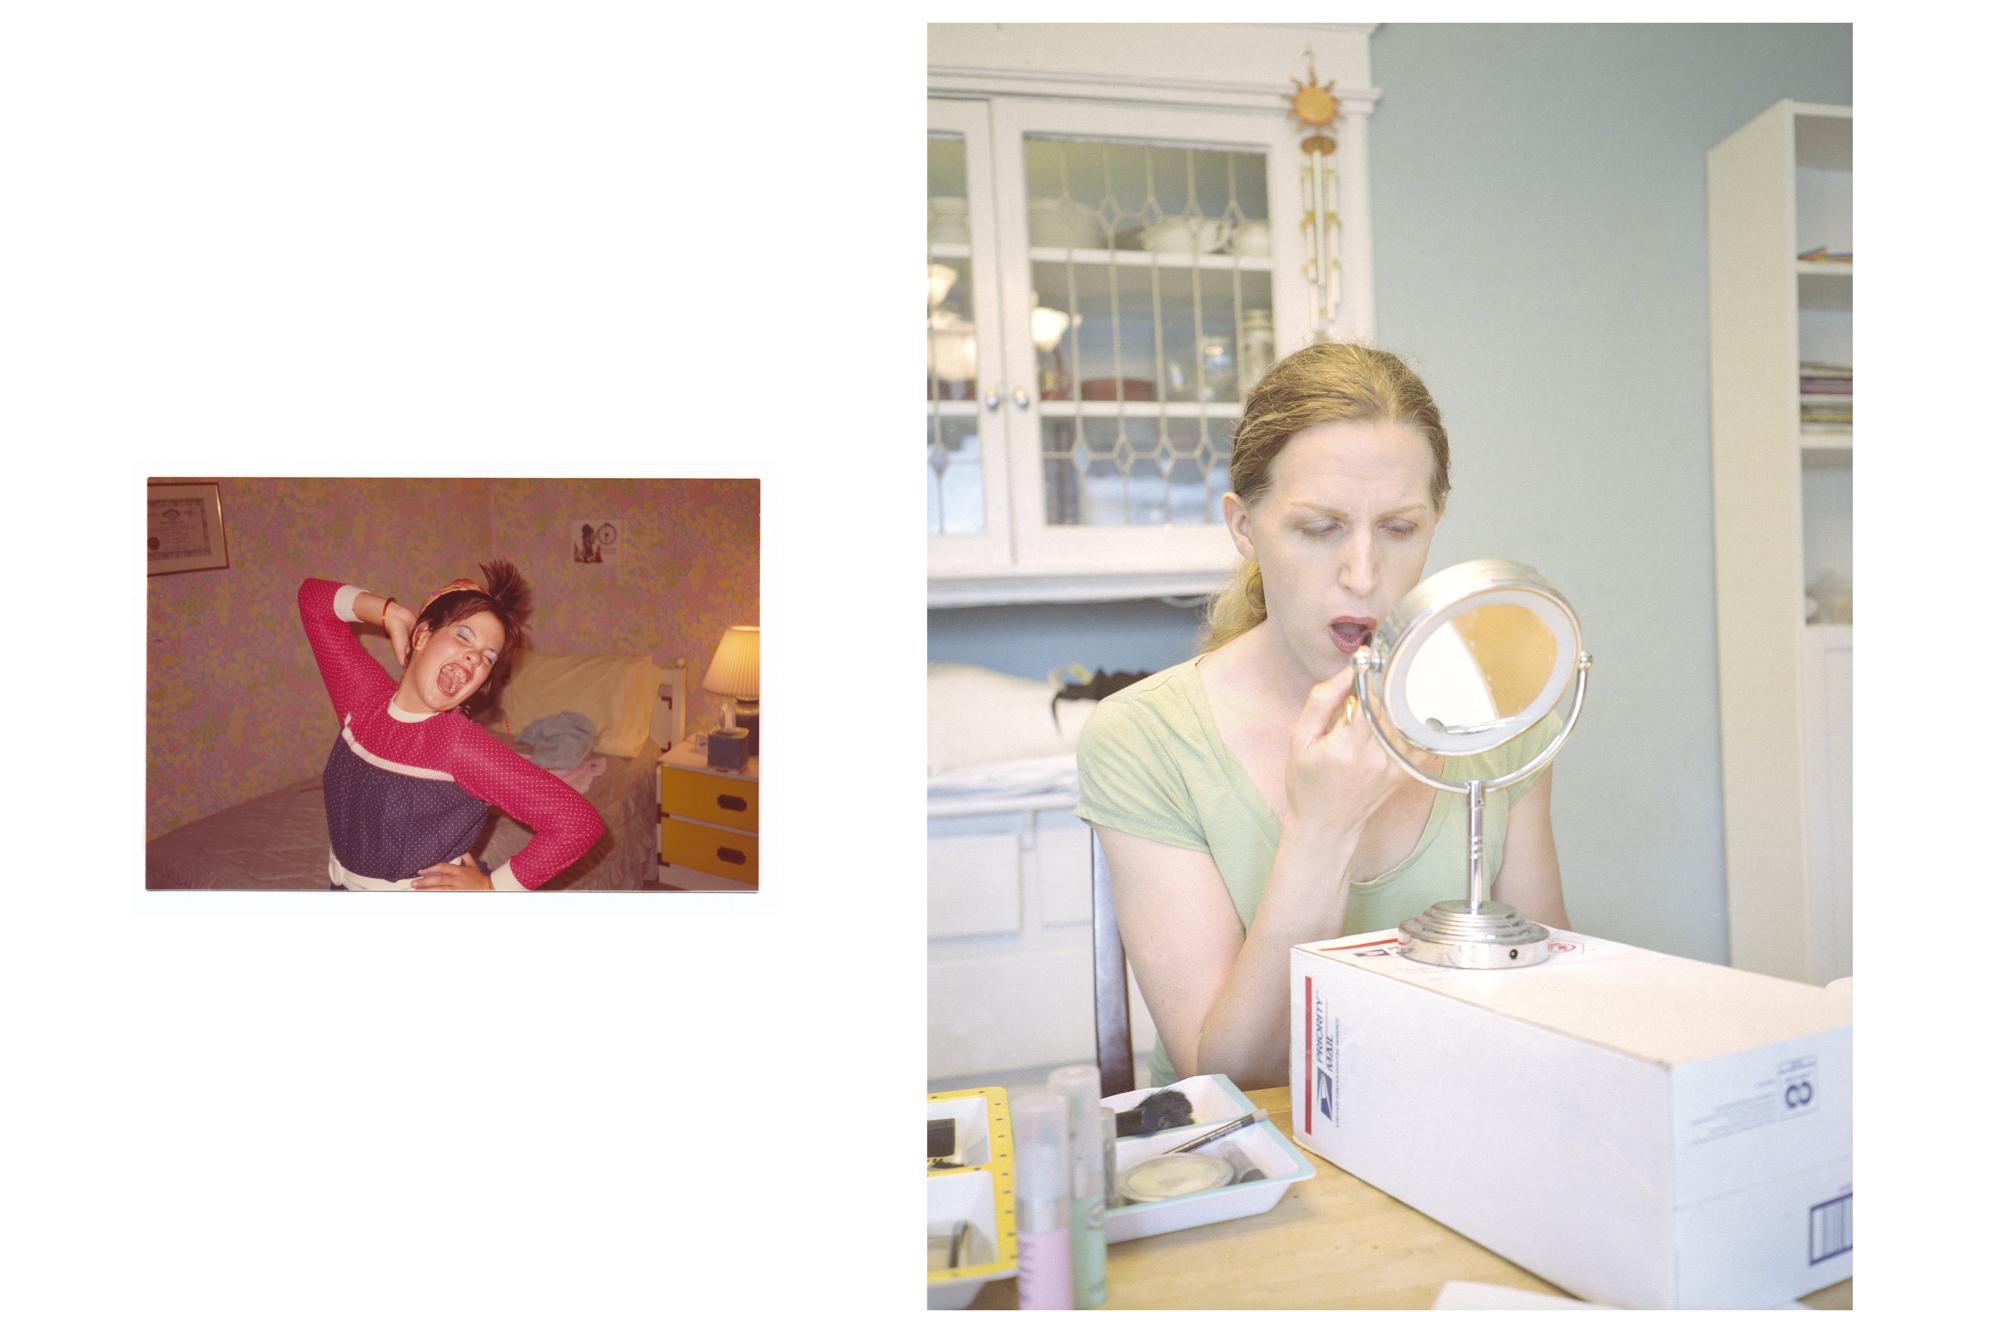 Jennifer (age 10), imitating Cyndi Lauper  Lorelei, making cosmetic choices / 2012